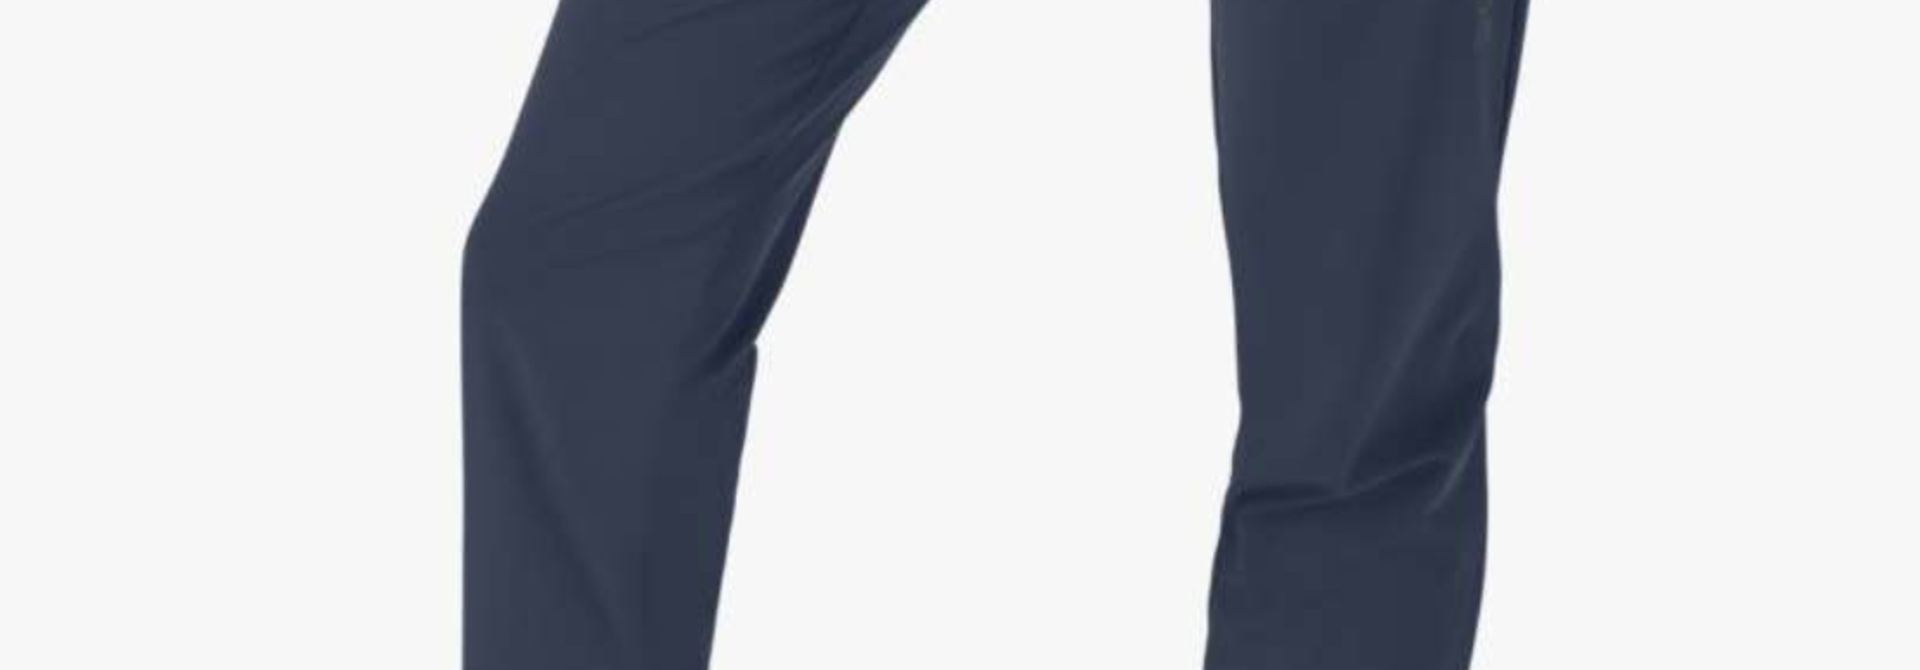 Women's Lightweight Pants